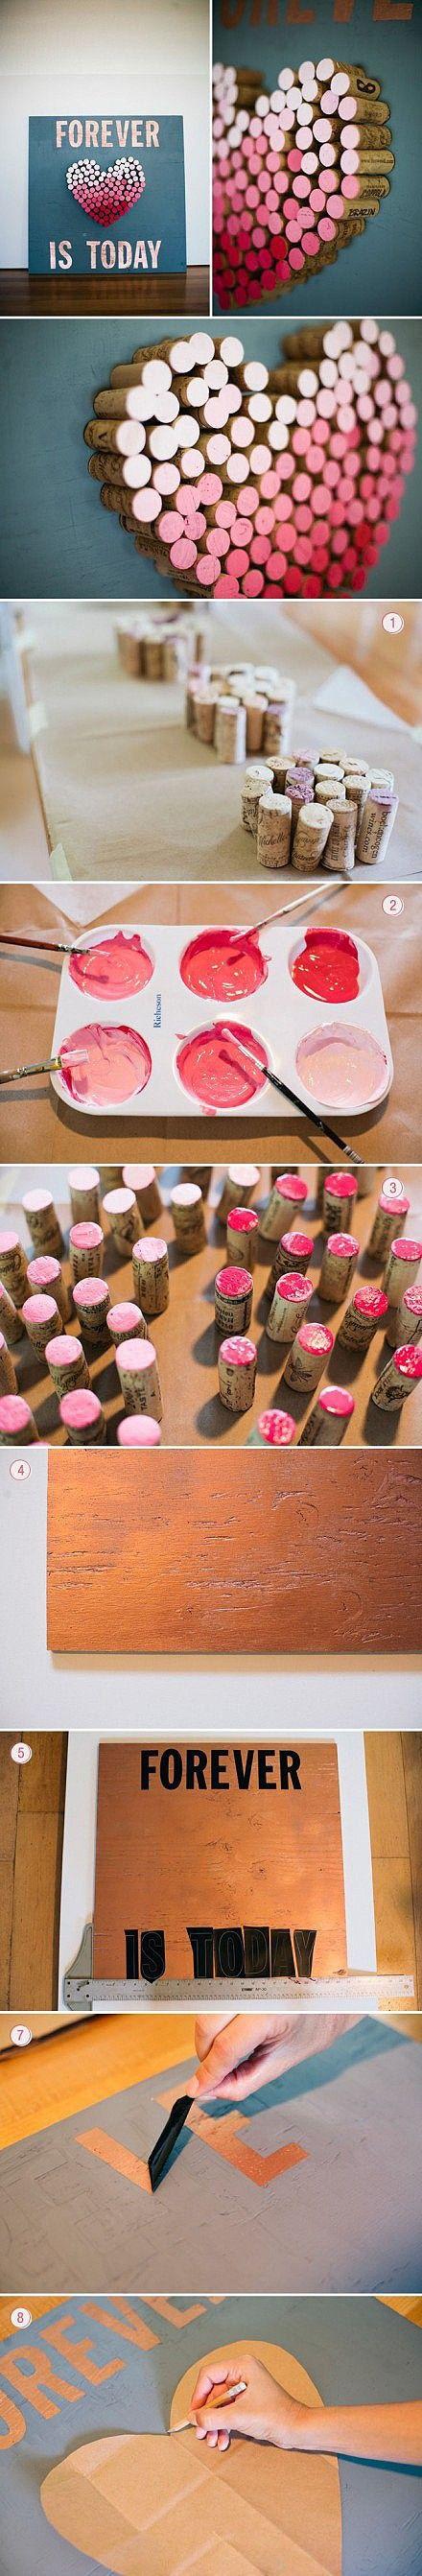 用用过的酒瓶塞打造的渐变色桃心【桑】: